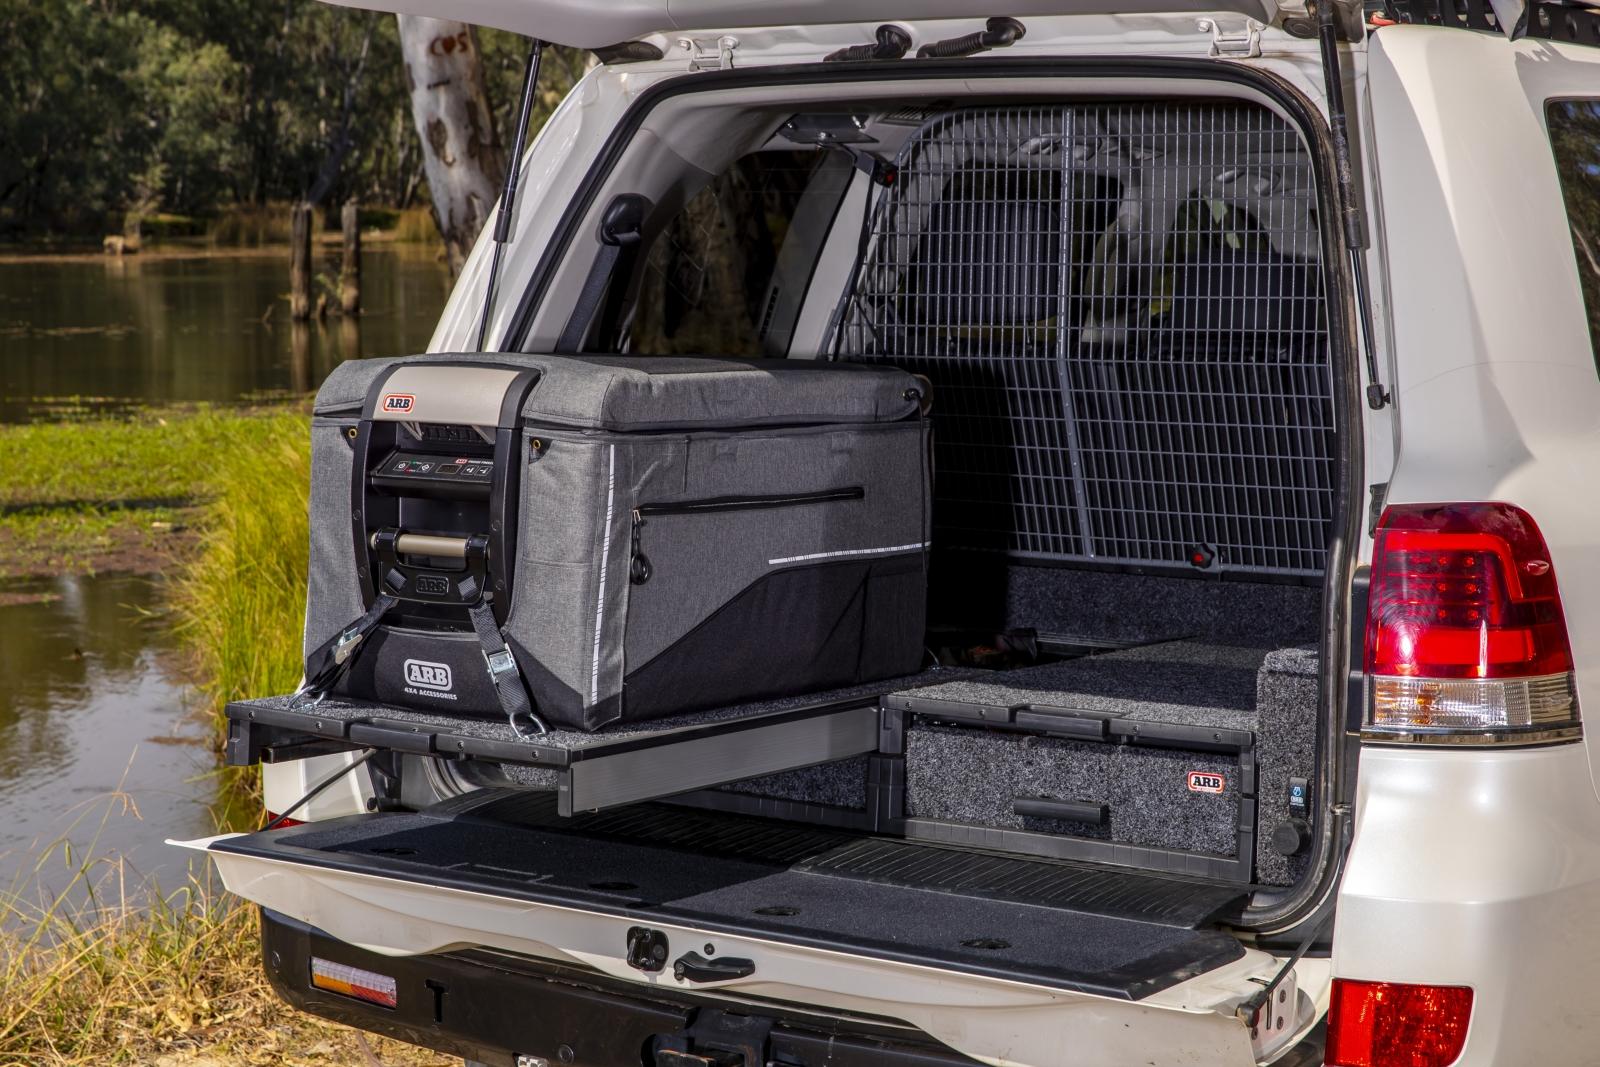 ARB Kühlbox Classic Series II - Gut geschützt und sicher verstaut.